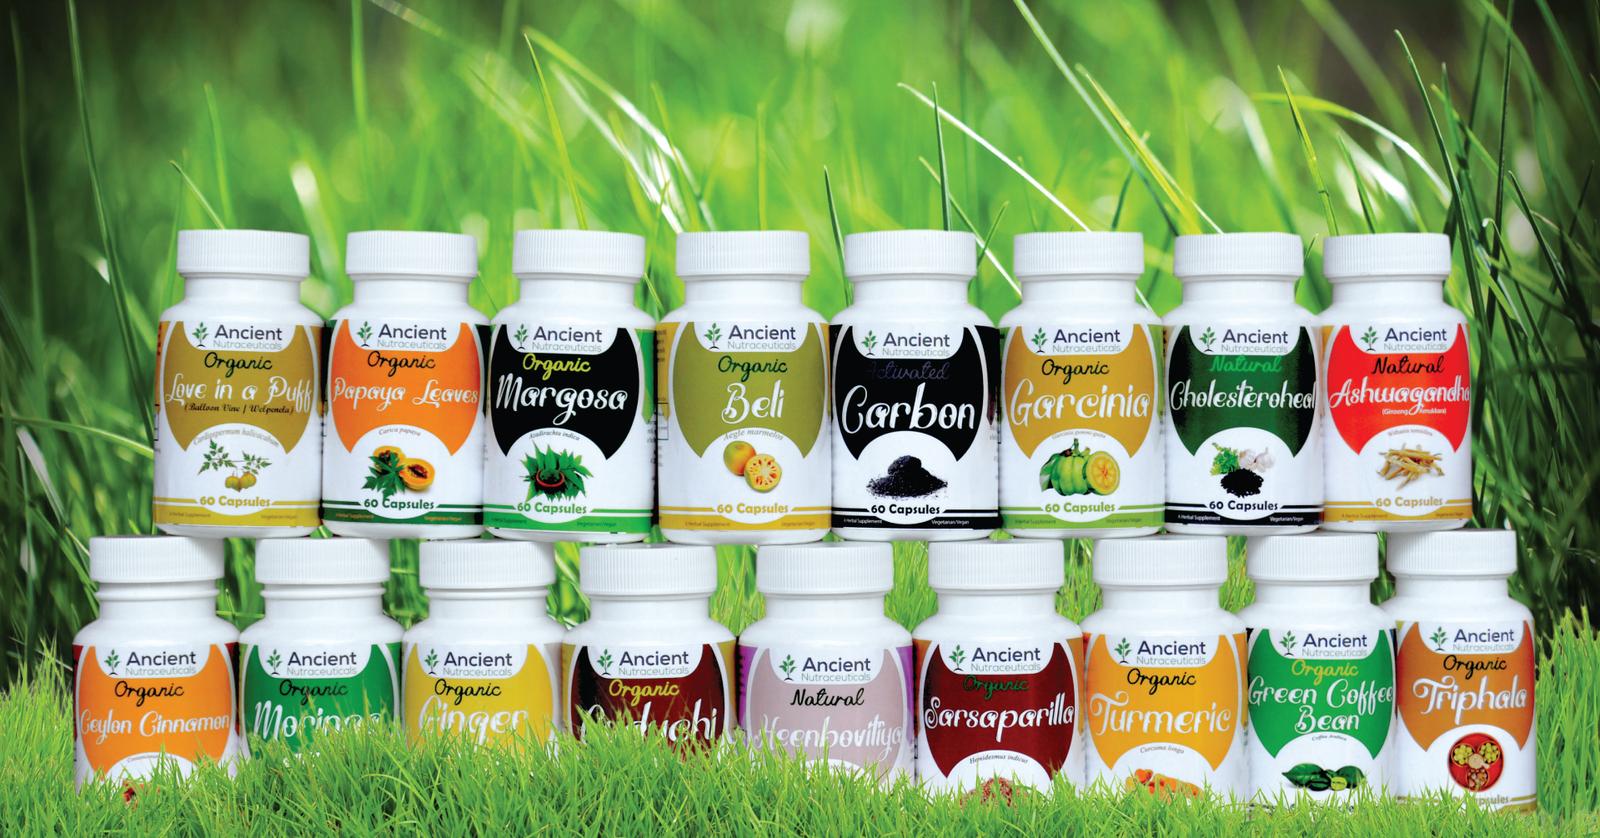 Ancient Premium Organic Ayurvedic Nutraceuticals Spinoff Com